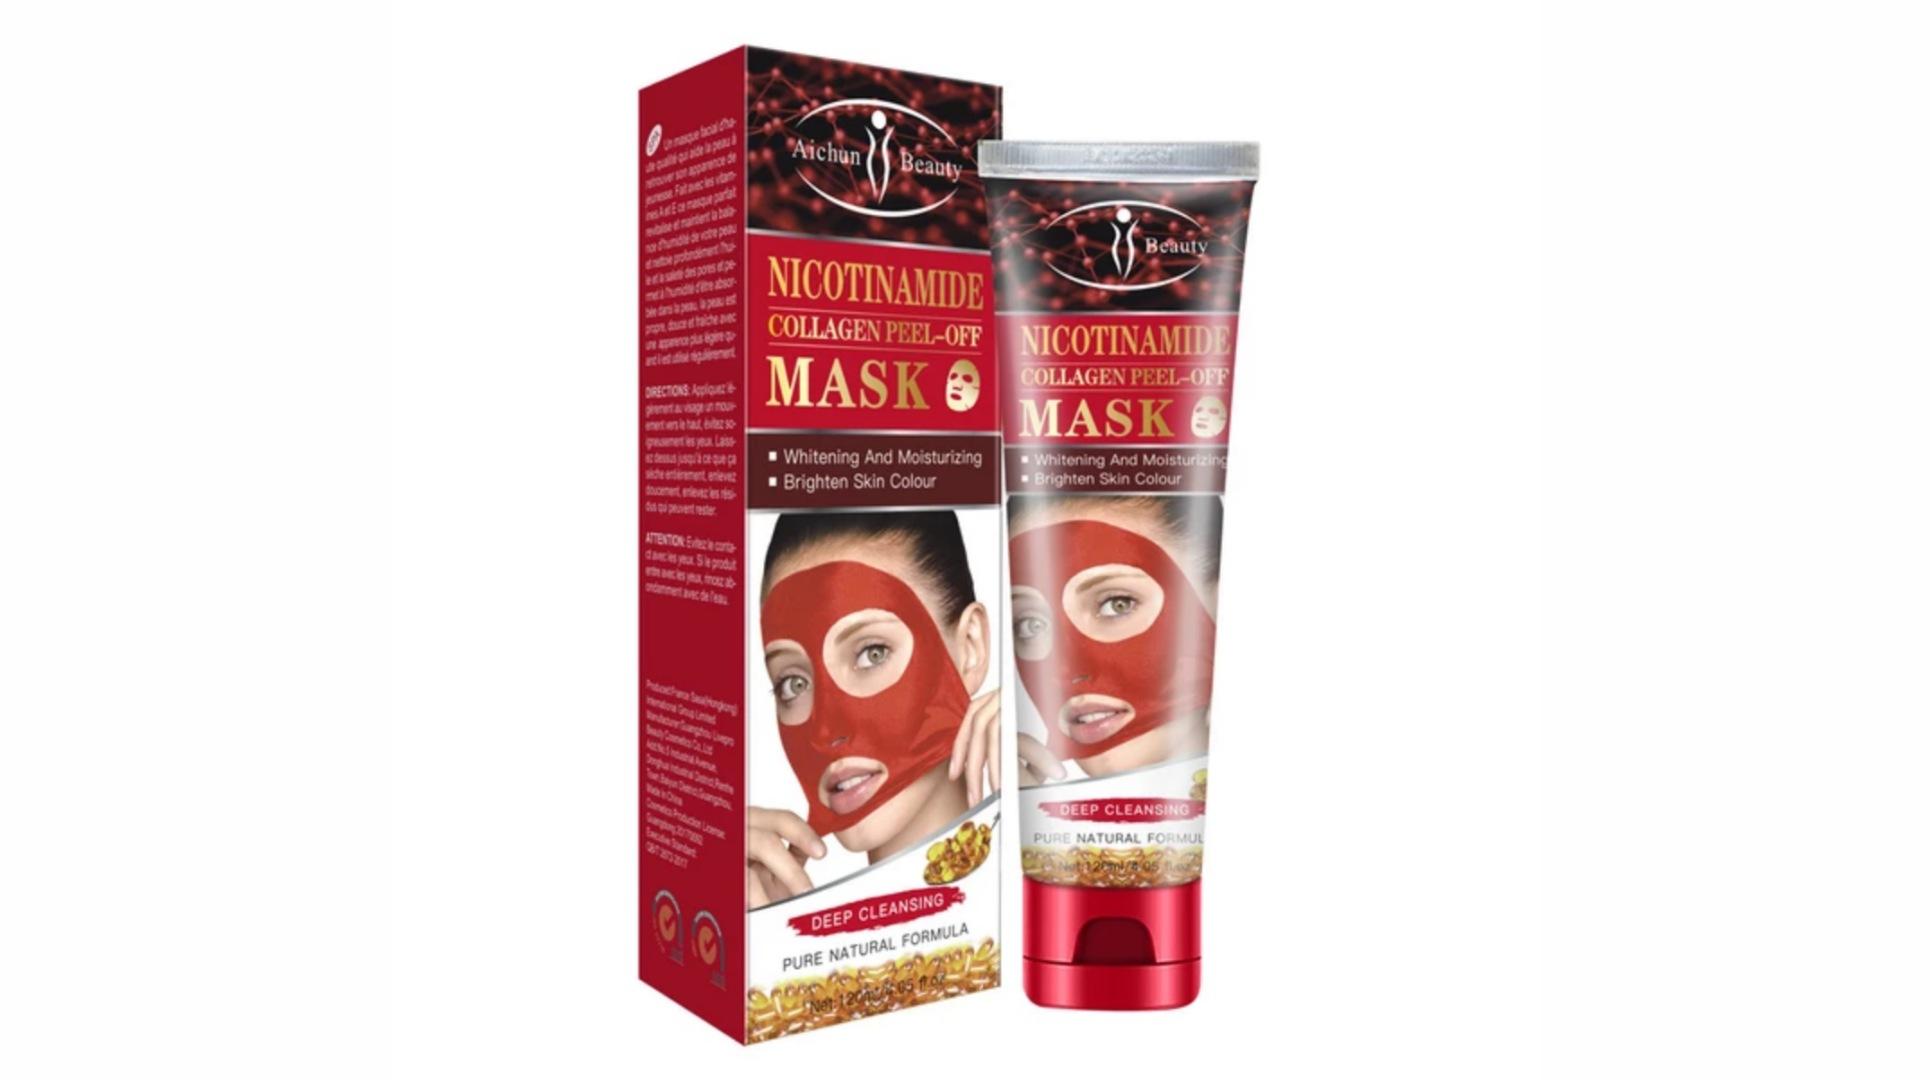 ماسک-نیکوتین-آمید-و-کلاژن-آیچون-بیوتی-aichun-beauty